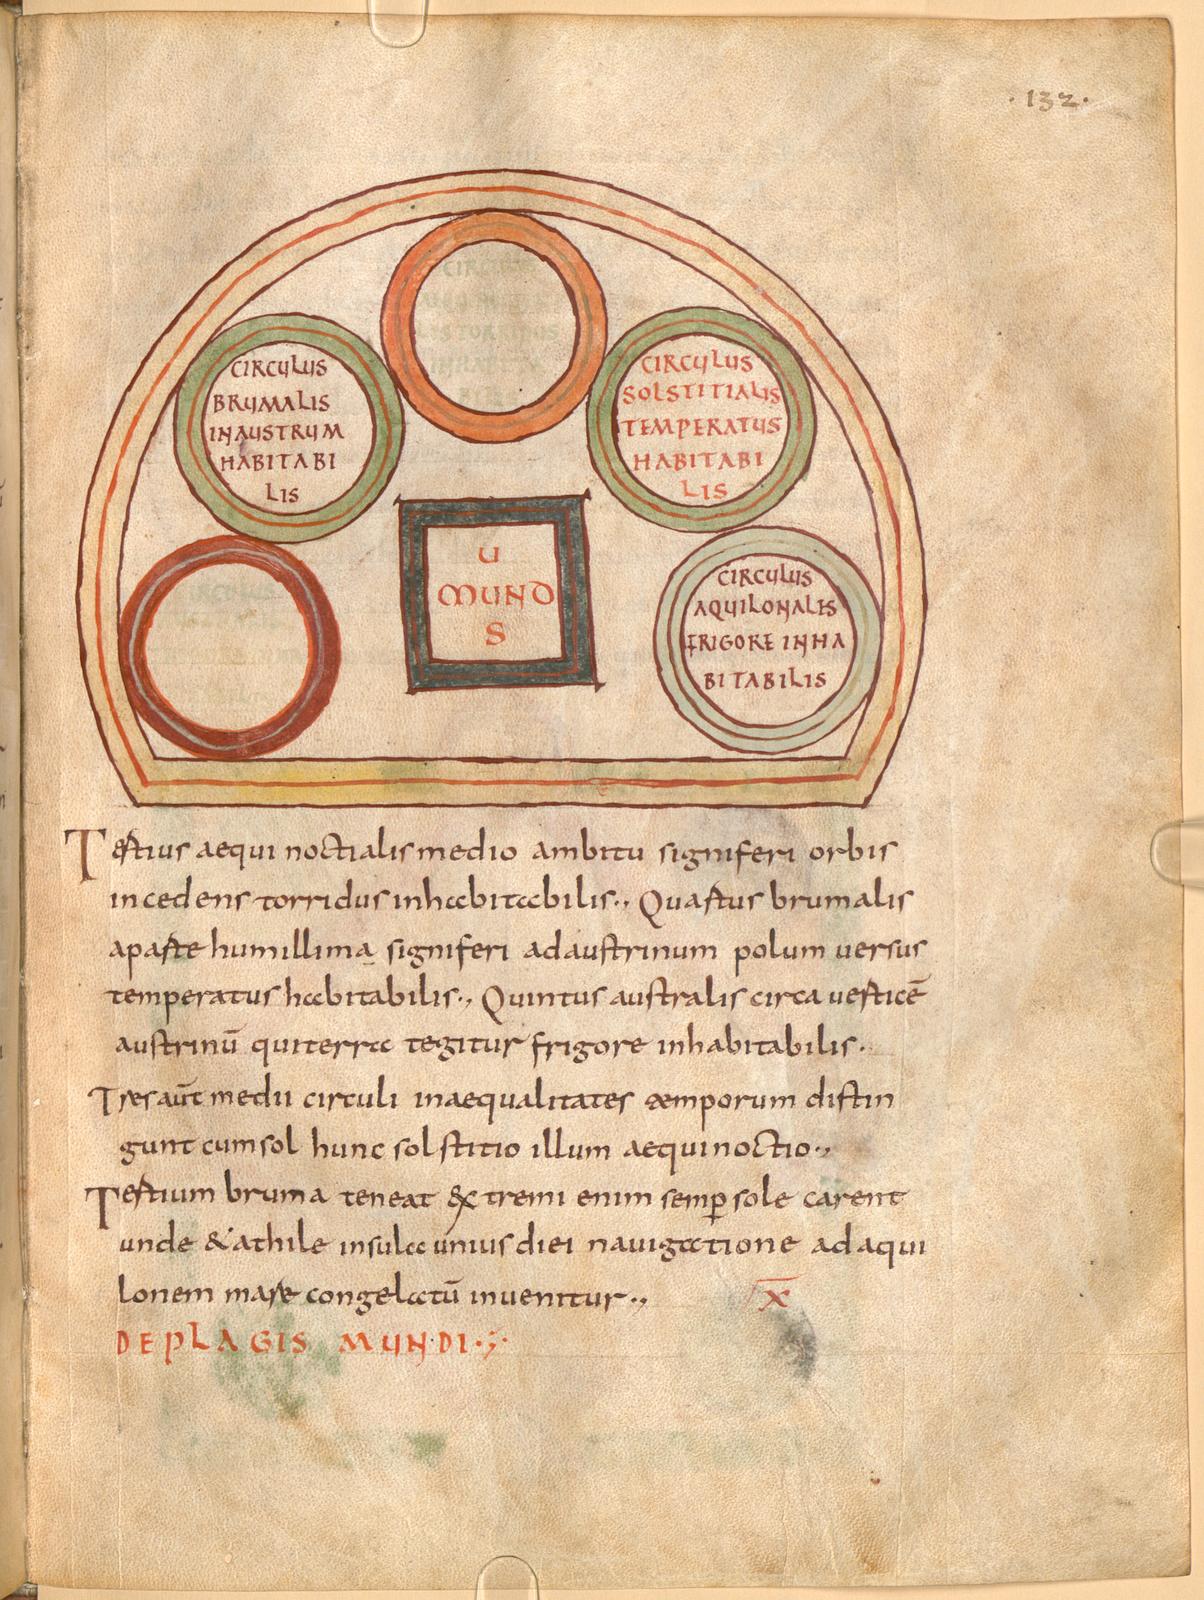 BAYERISCHE STAATSBIBLIOTHEK MÜNCHEN, CLM 210